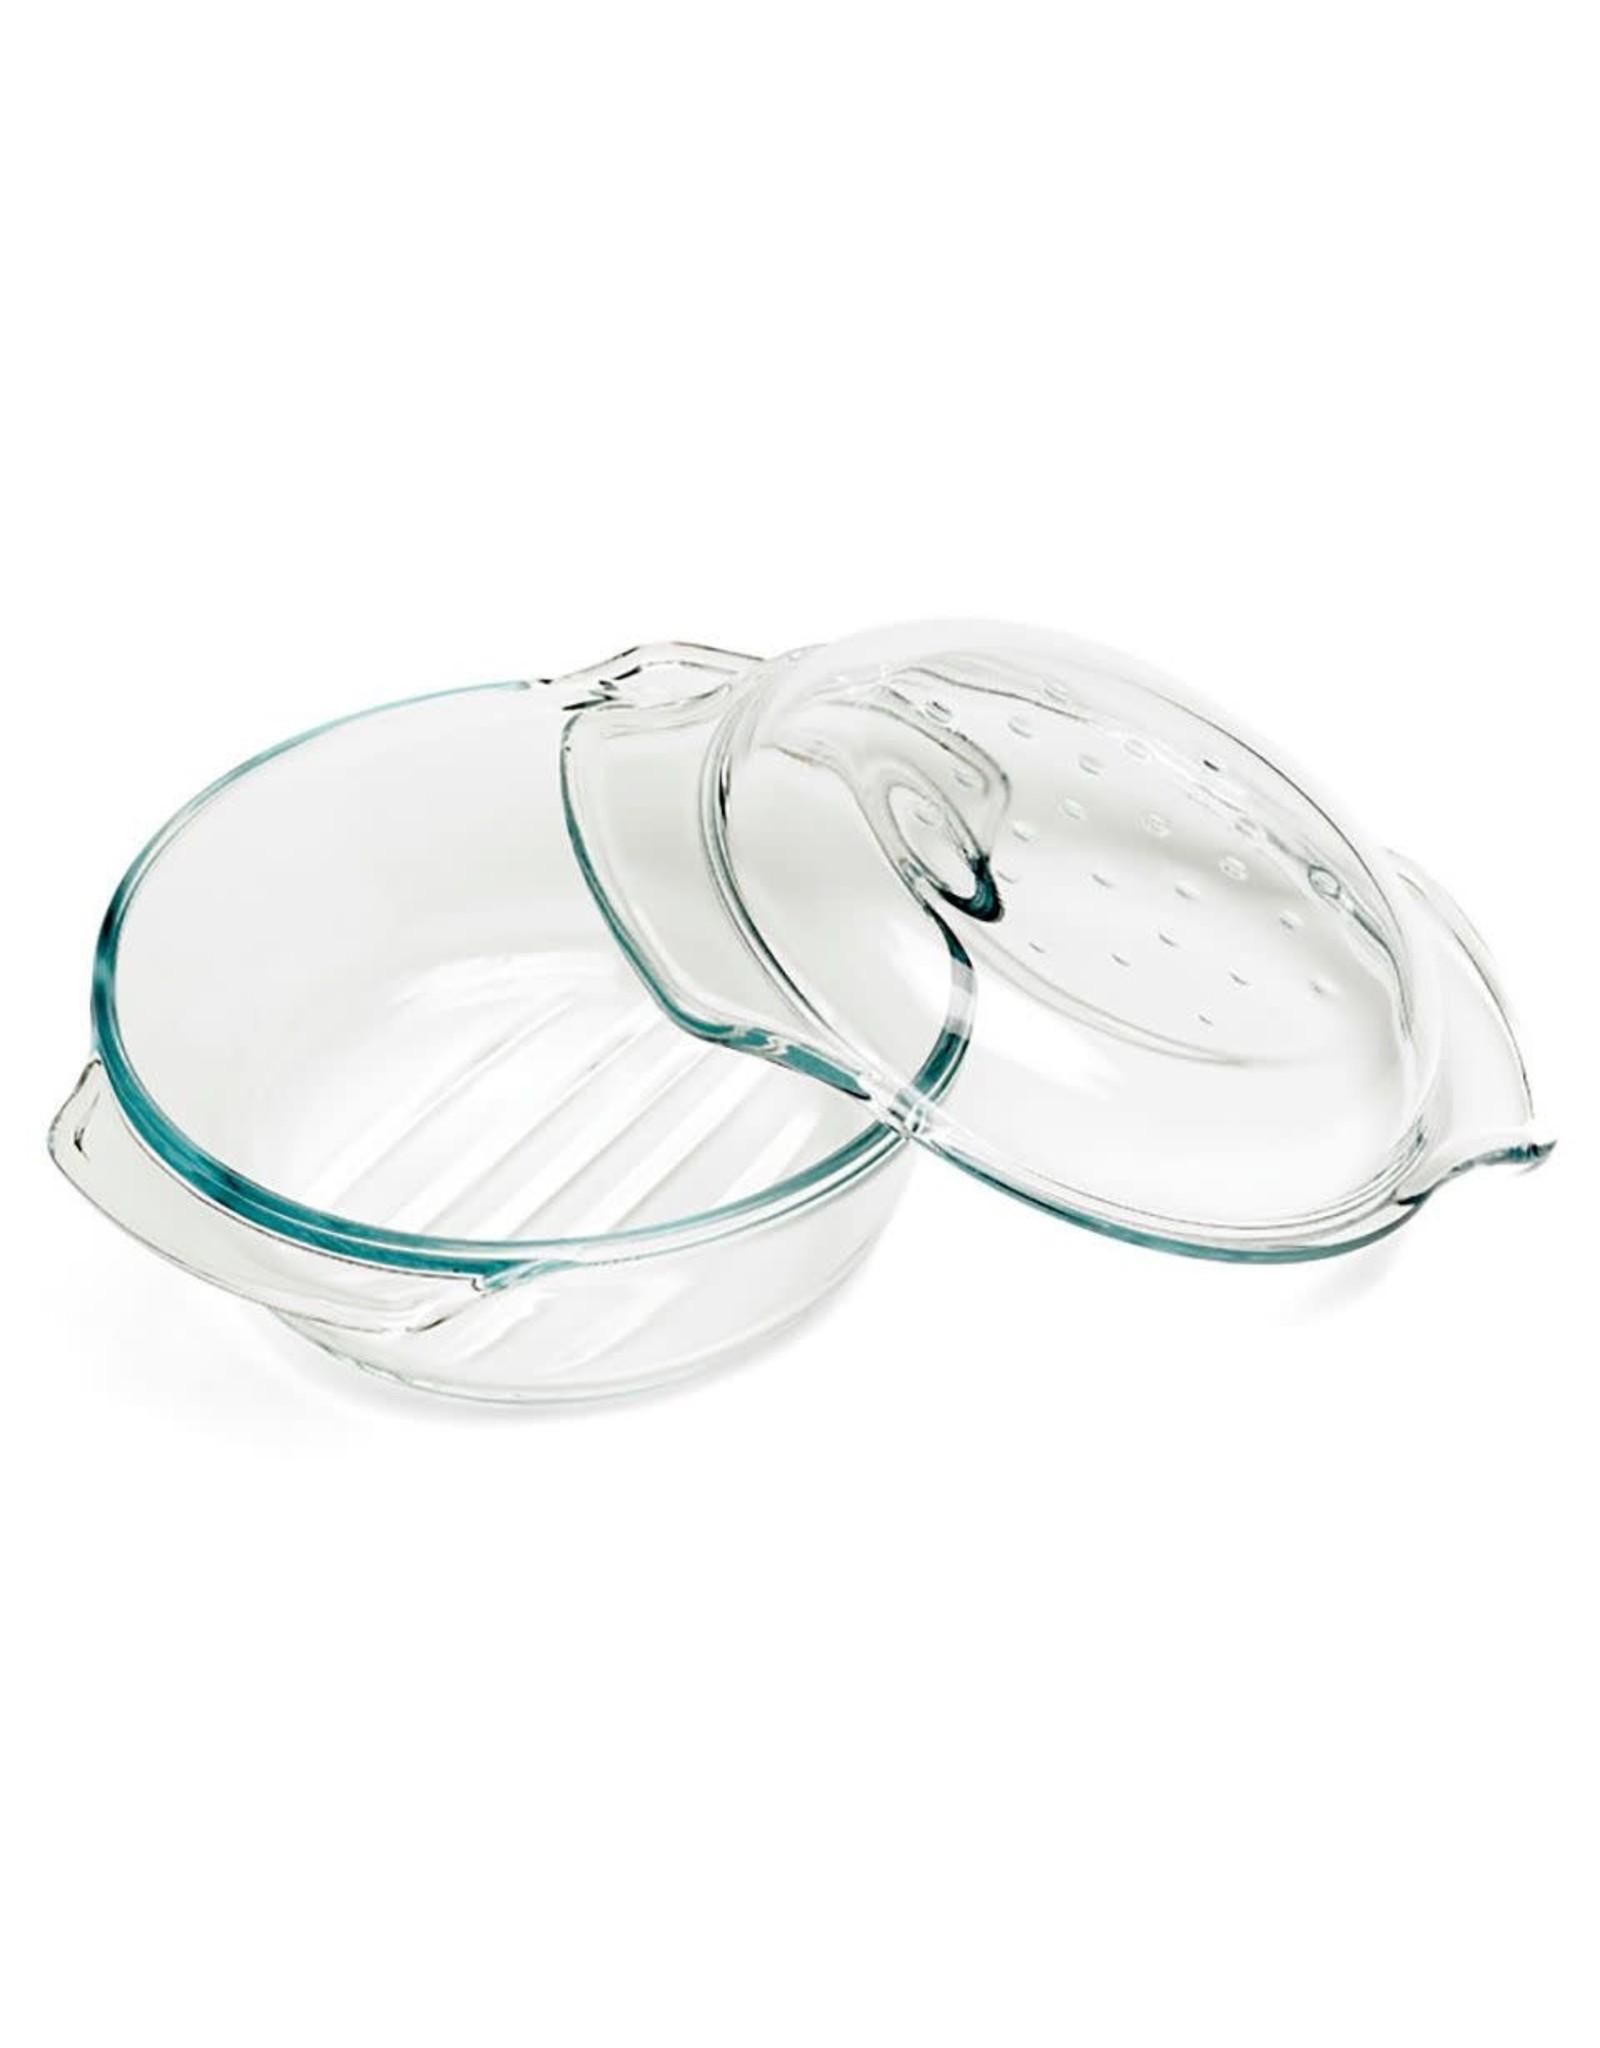 C&T Ovenschotel glas rond met deksel 2,4L 22x10,5cm